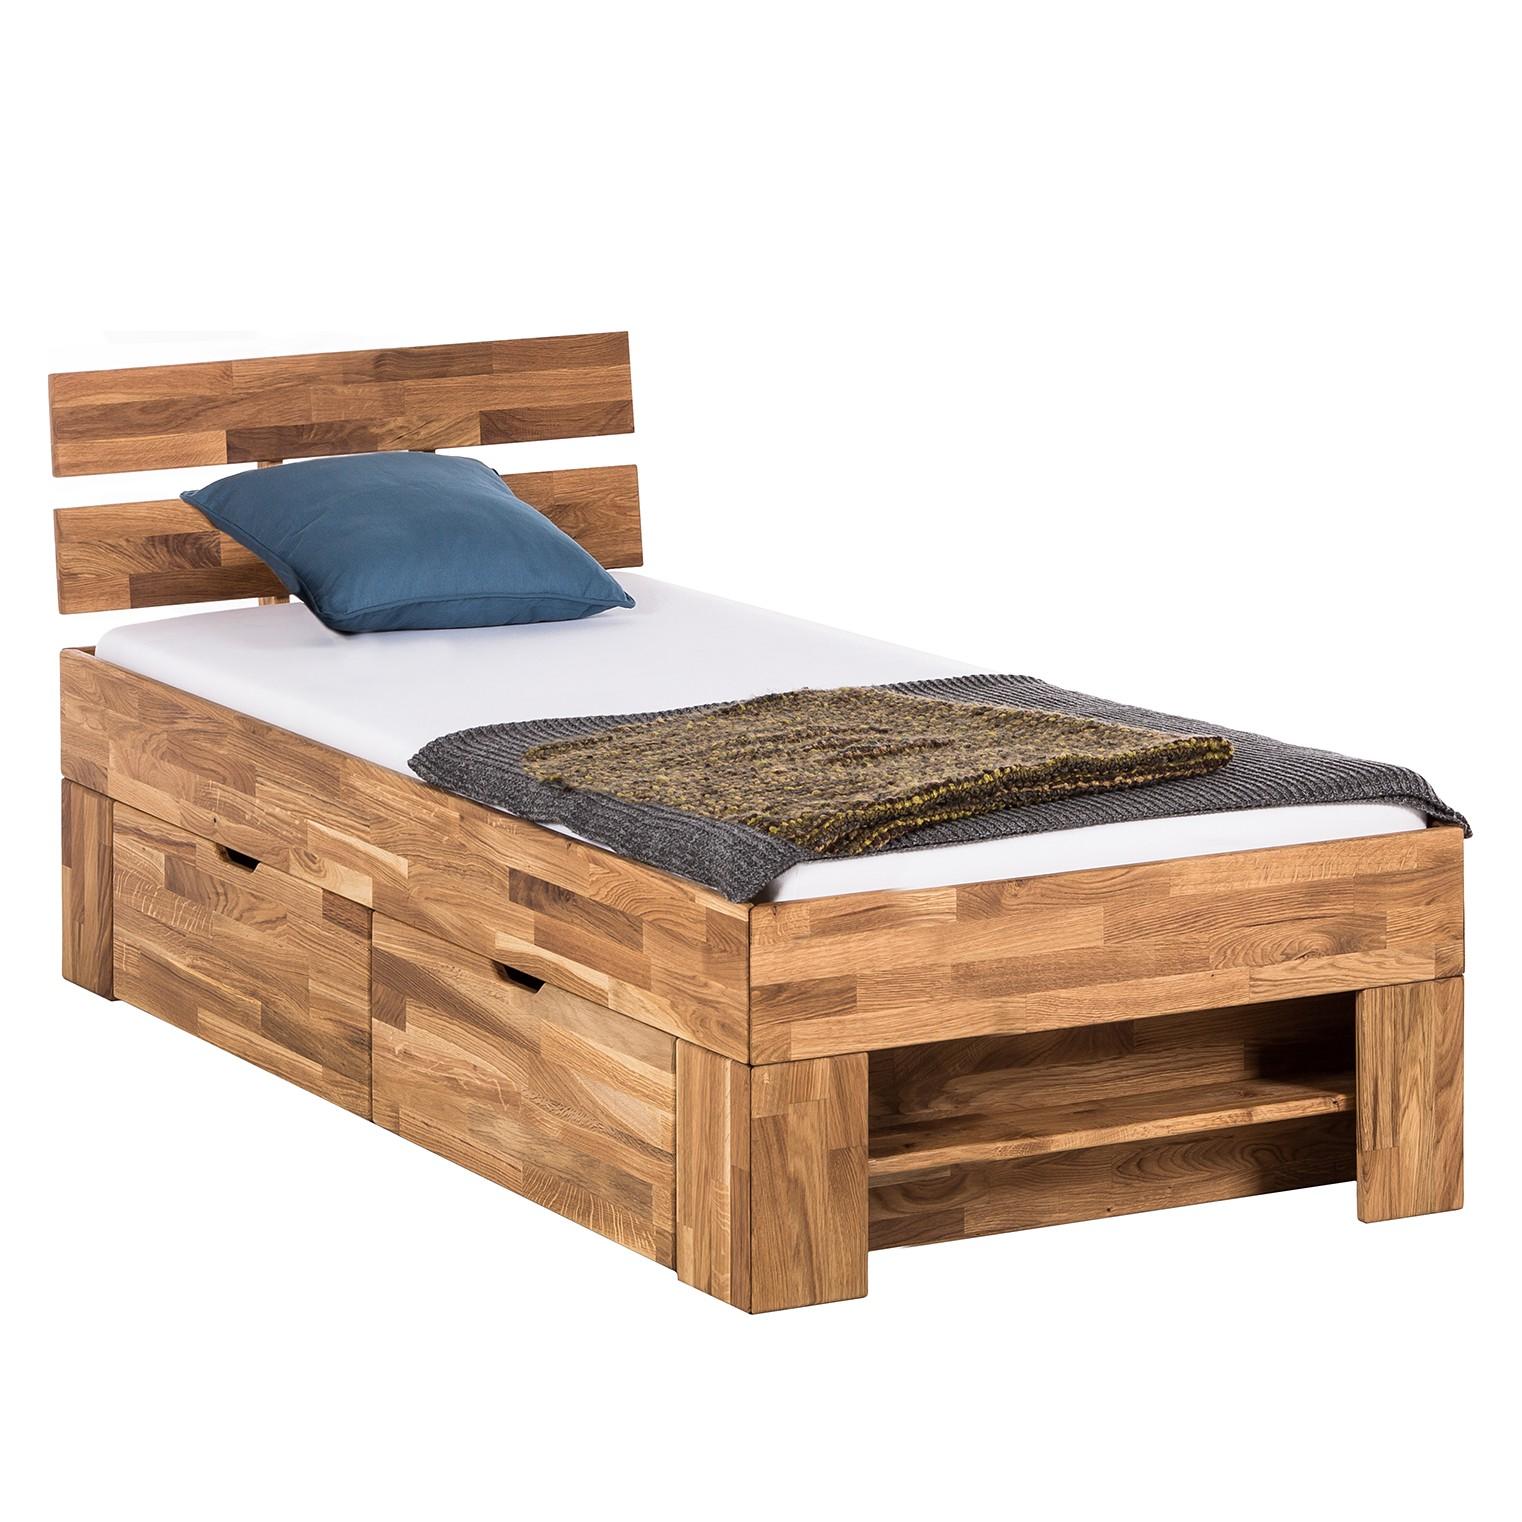 Massivholzbett EosWOOD (inkl. Bettkästen) - Eiche massiv - 90 x 200cm - Eiche, Ars Natura